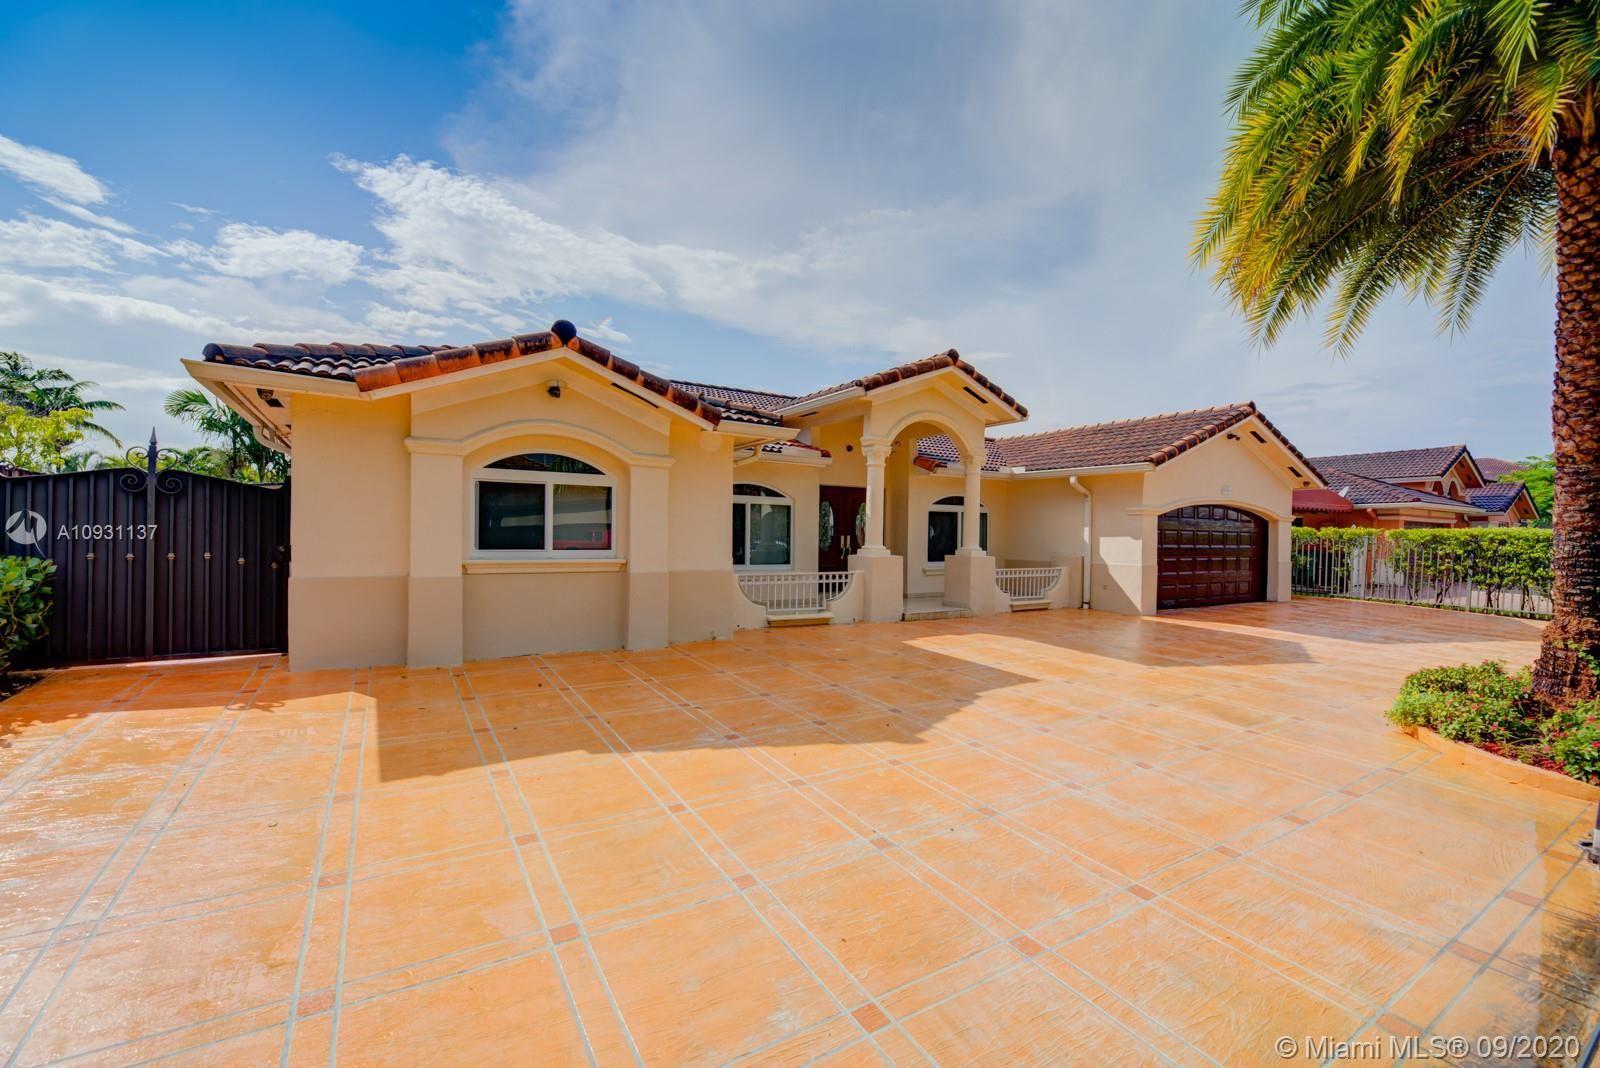 3256 SW 151st Ct, Miami, FL 33185 - #: A10931137